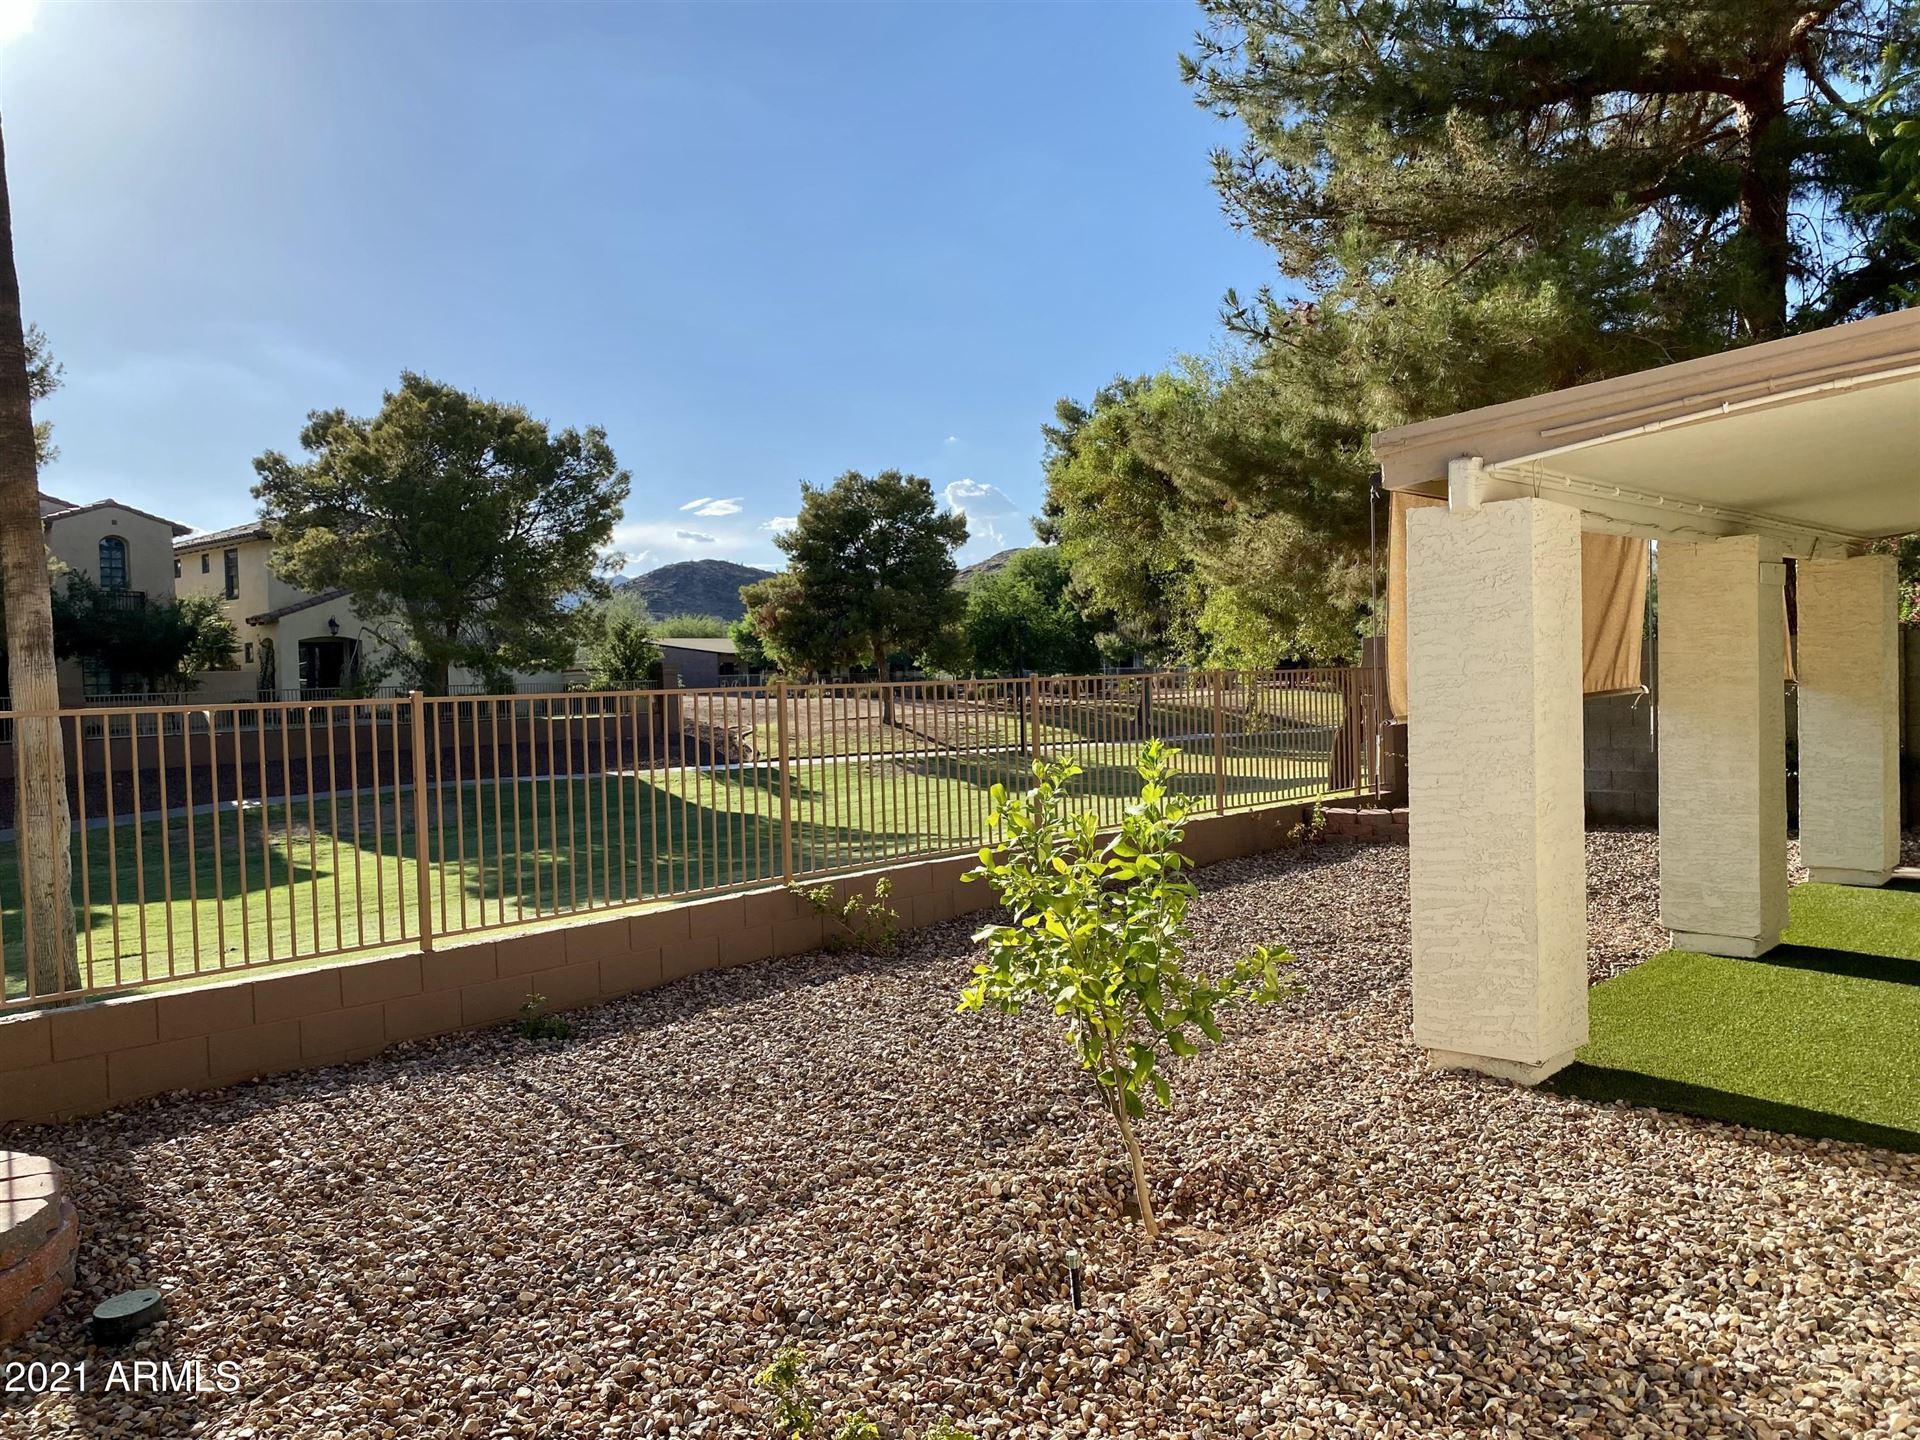 15622 S 35th Way, Phoenix, AZ 85048 - MLS#: 6255758